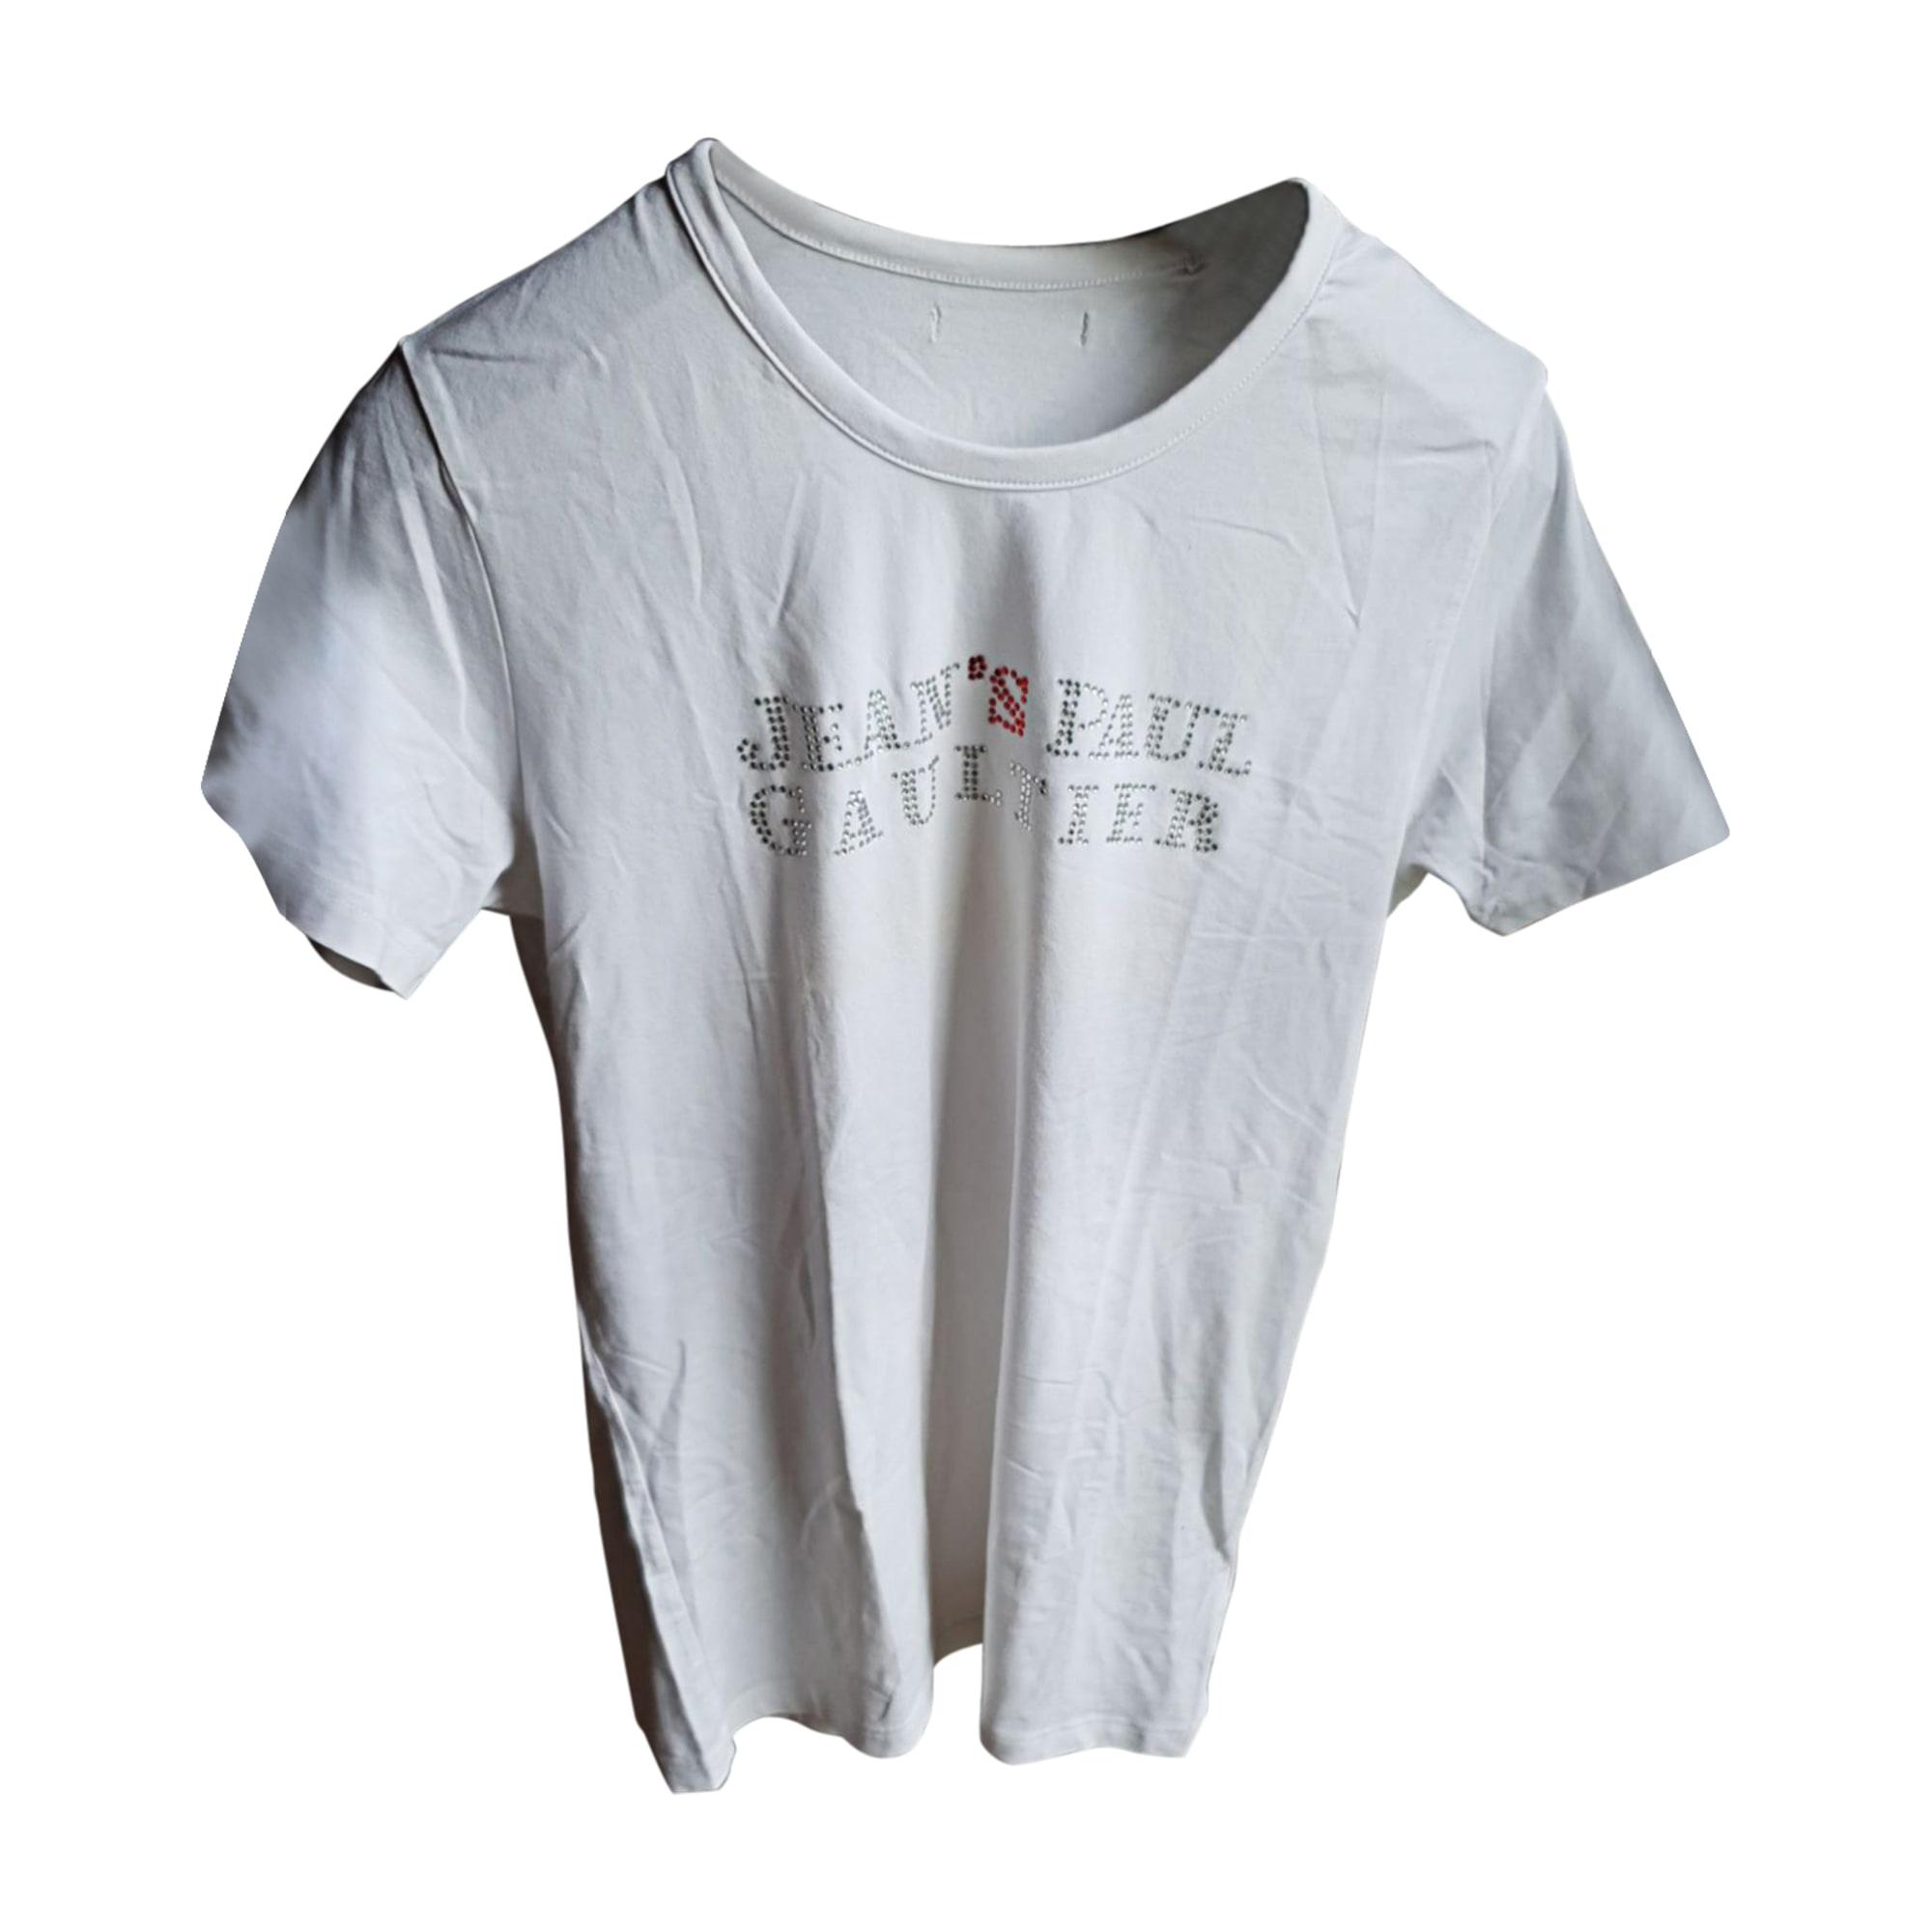 Tee-shirt JEAN PAUL GAULTIER Blanc, blanc cassé, écru